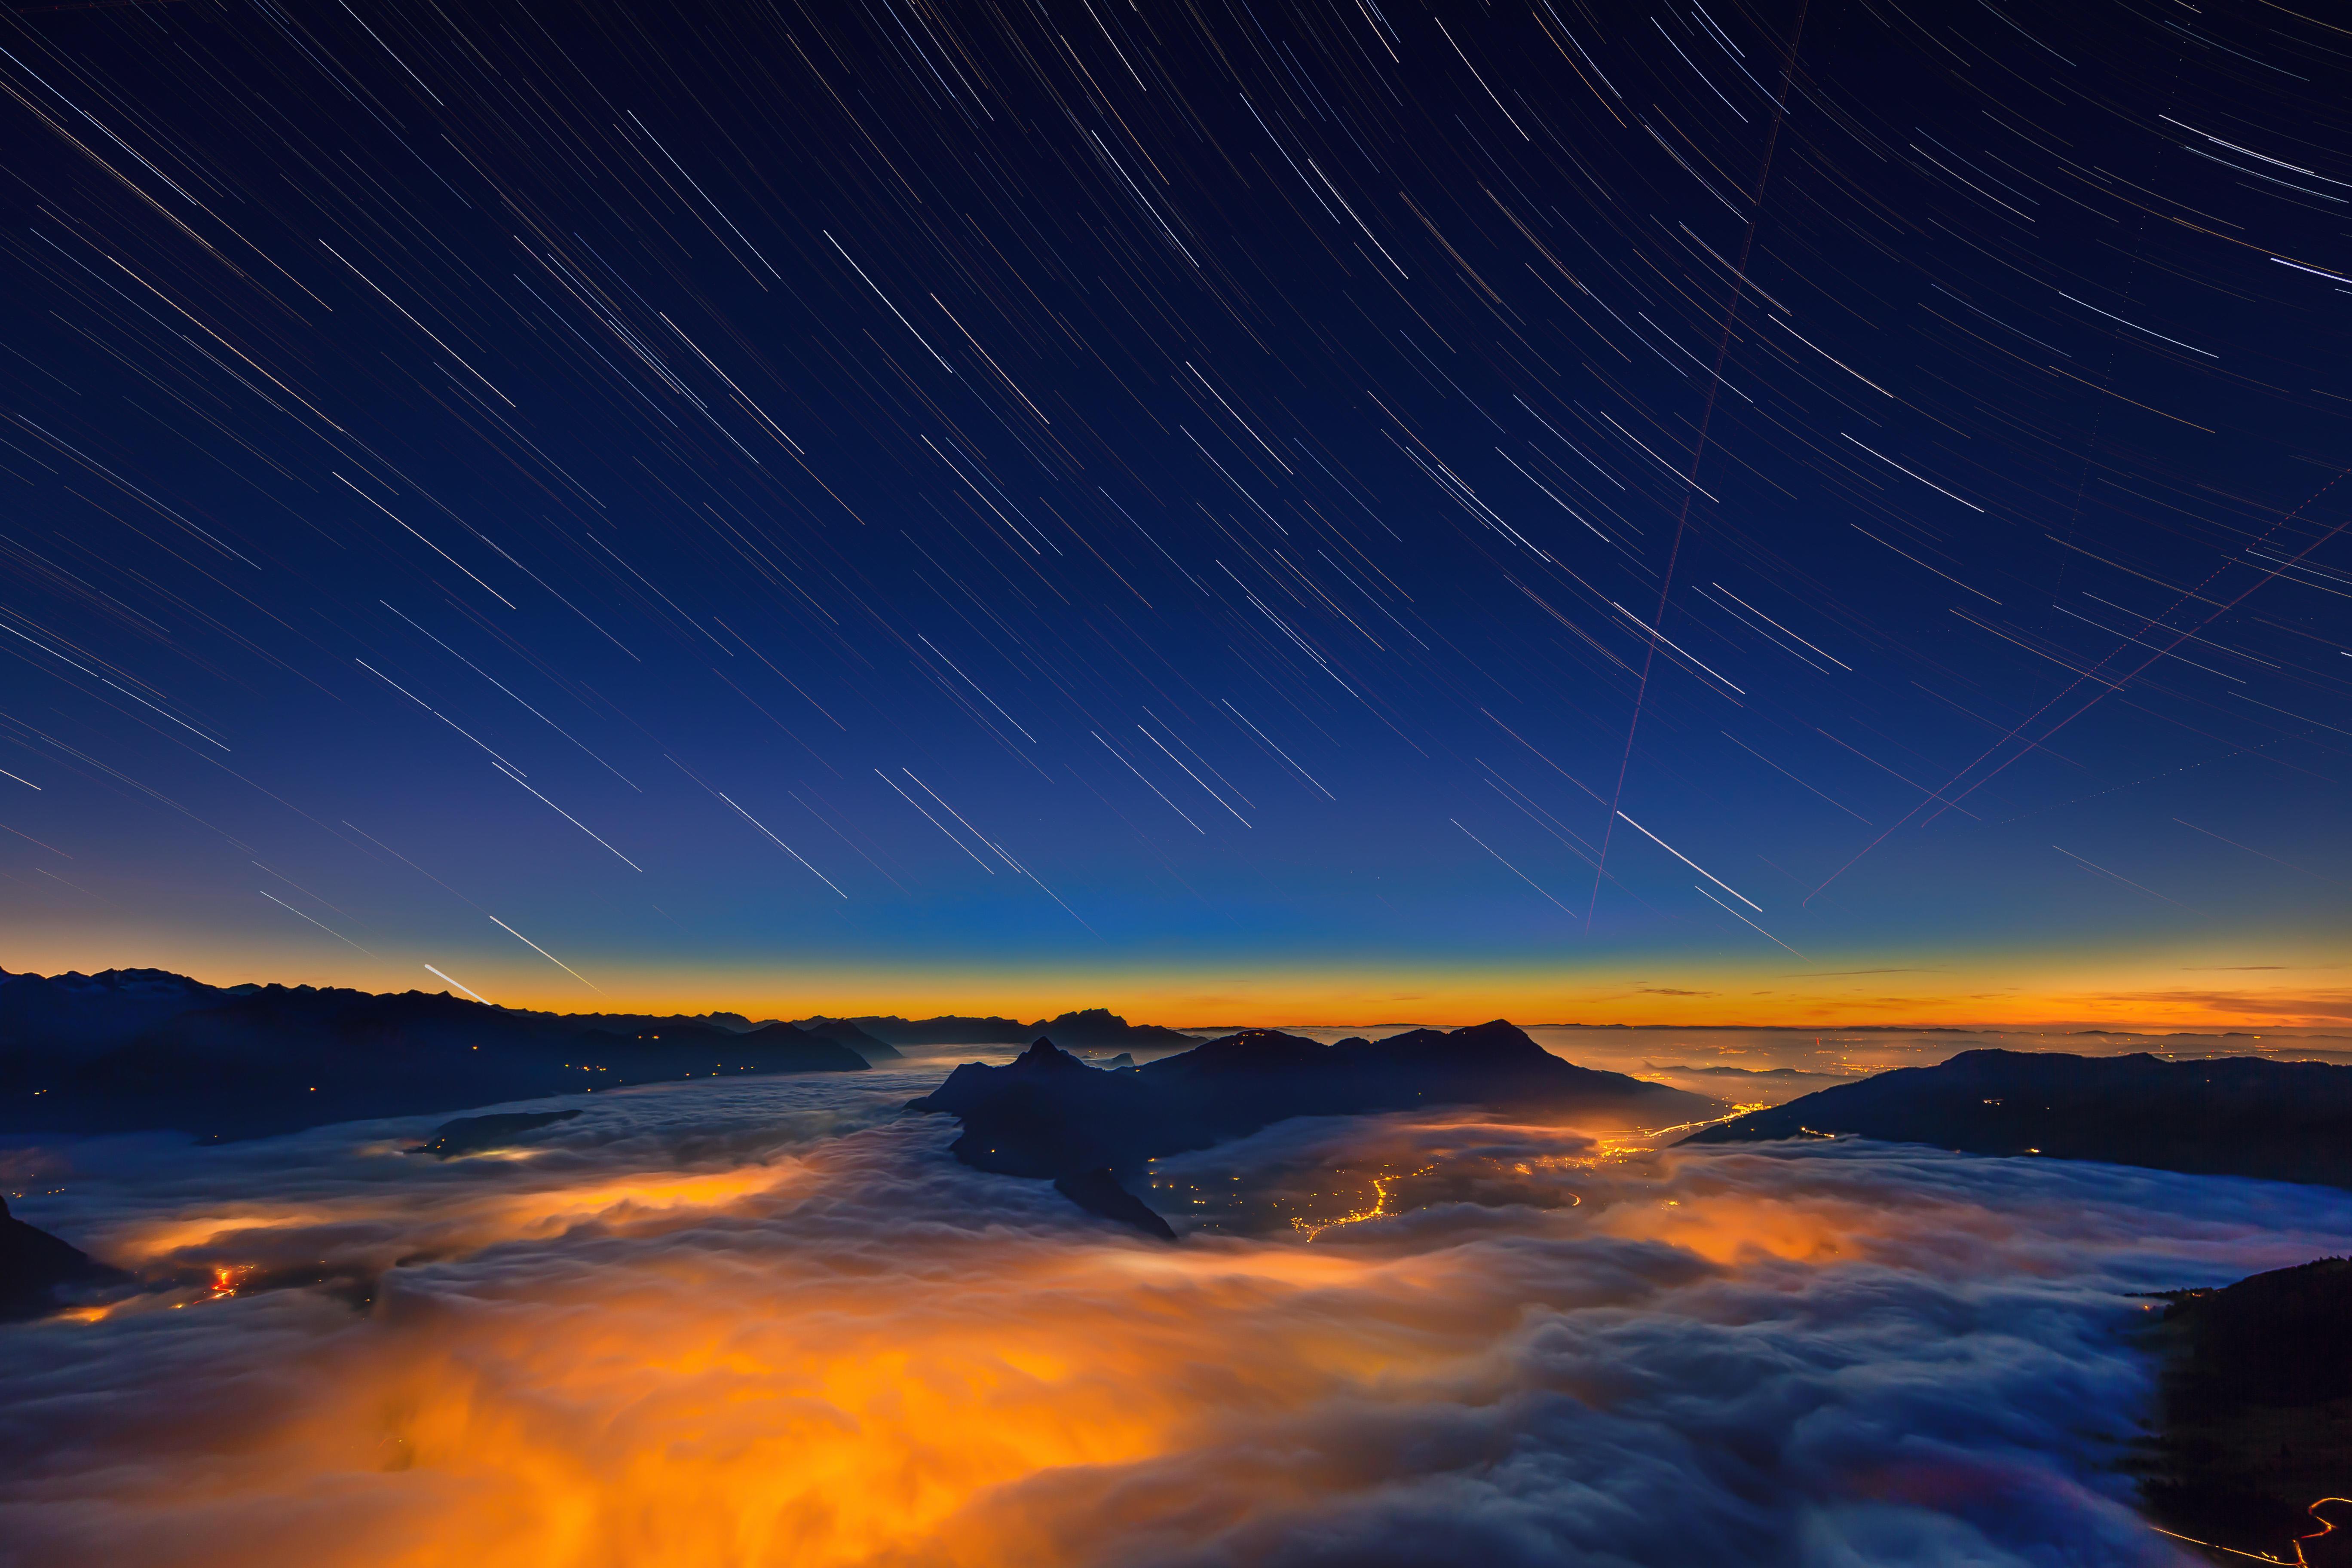 Море тумана, Восход, Панорама